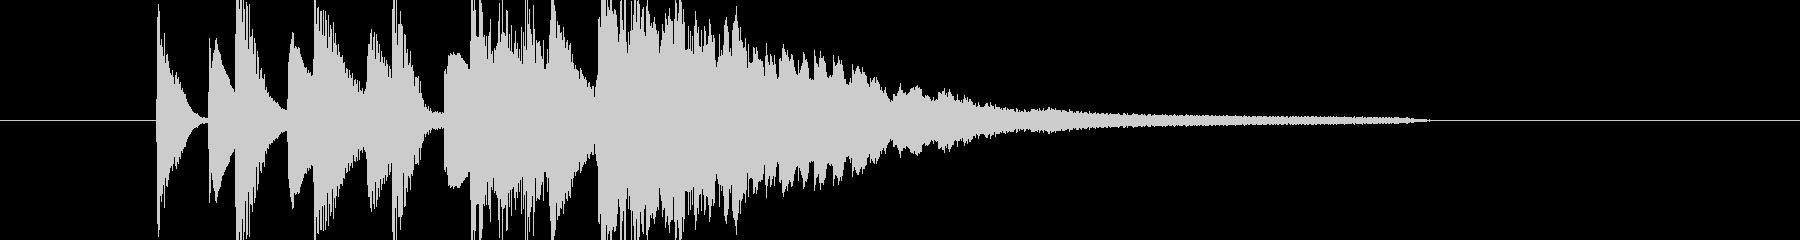 マリンバとピアノのポップなジングルの未再生の波形